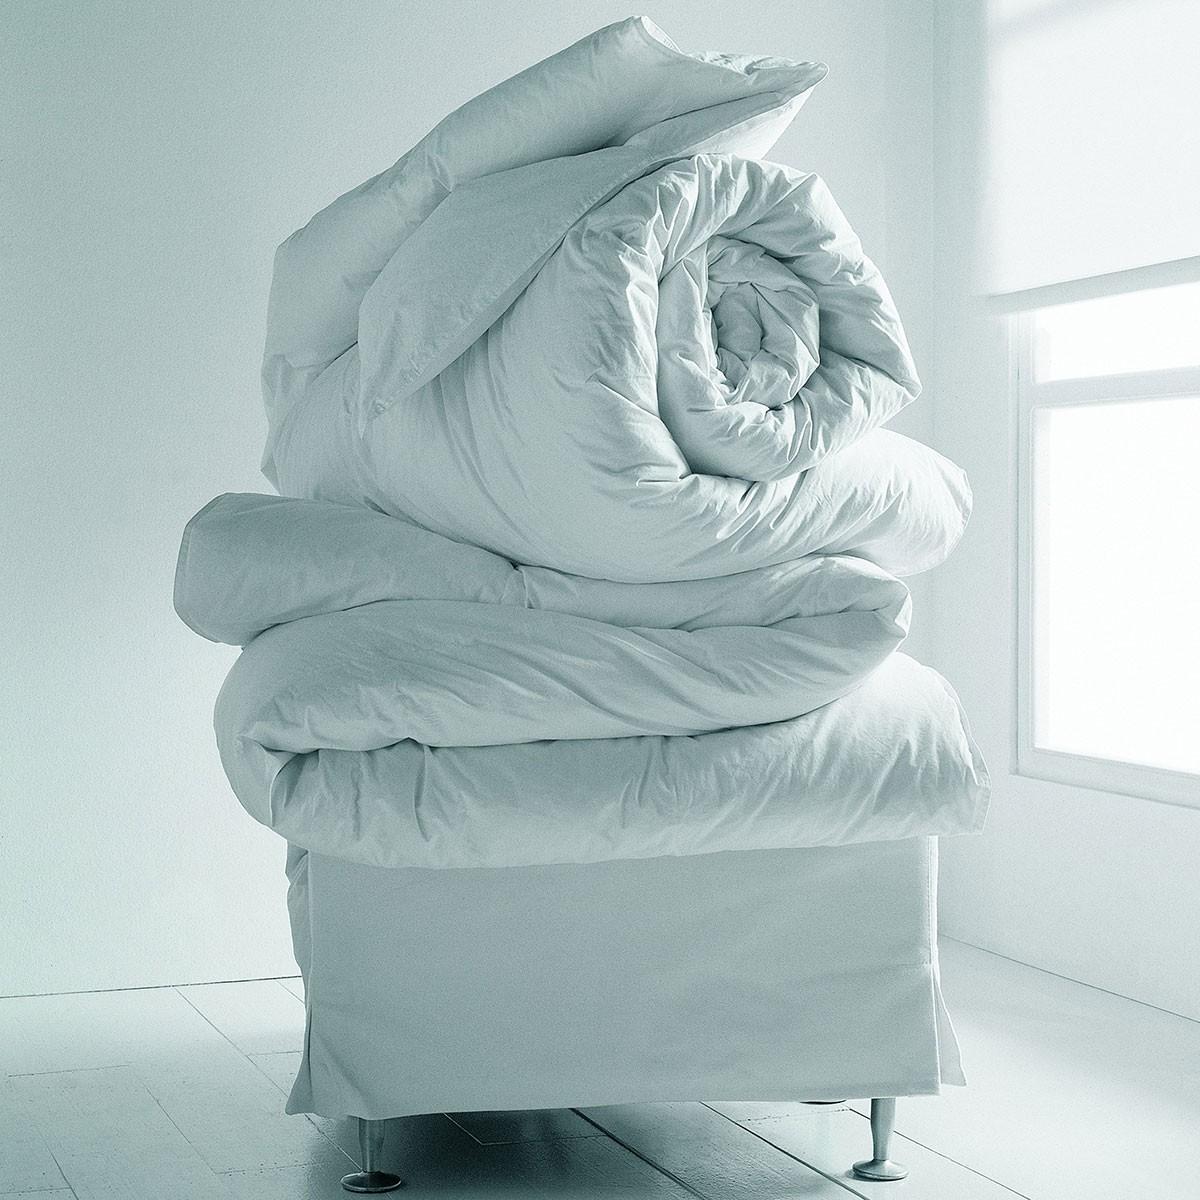 Πάπλωμα Υπέρδιπλο Laura Ashley 200γρ. Hollofil Eco home   κρεβατοκάμαρα   παπλώματα   παπλώματα λευκά